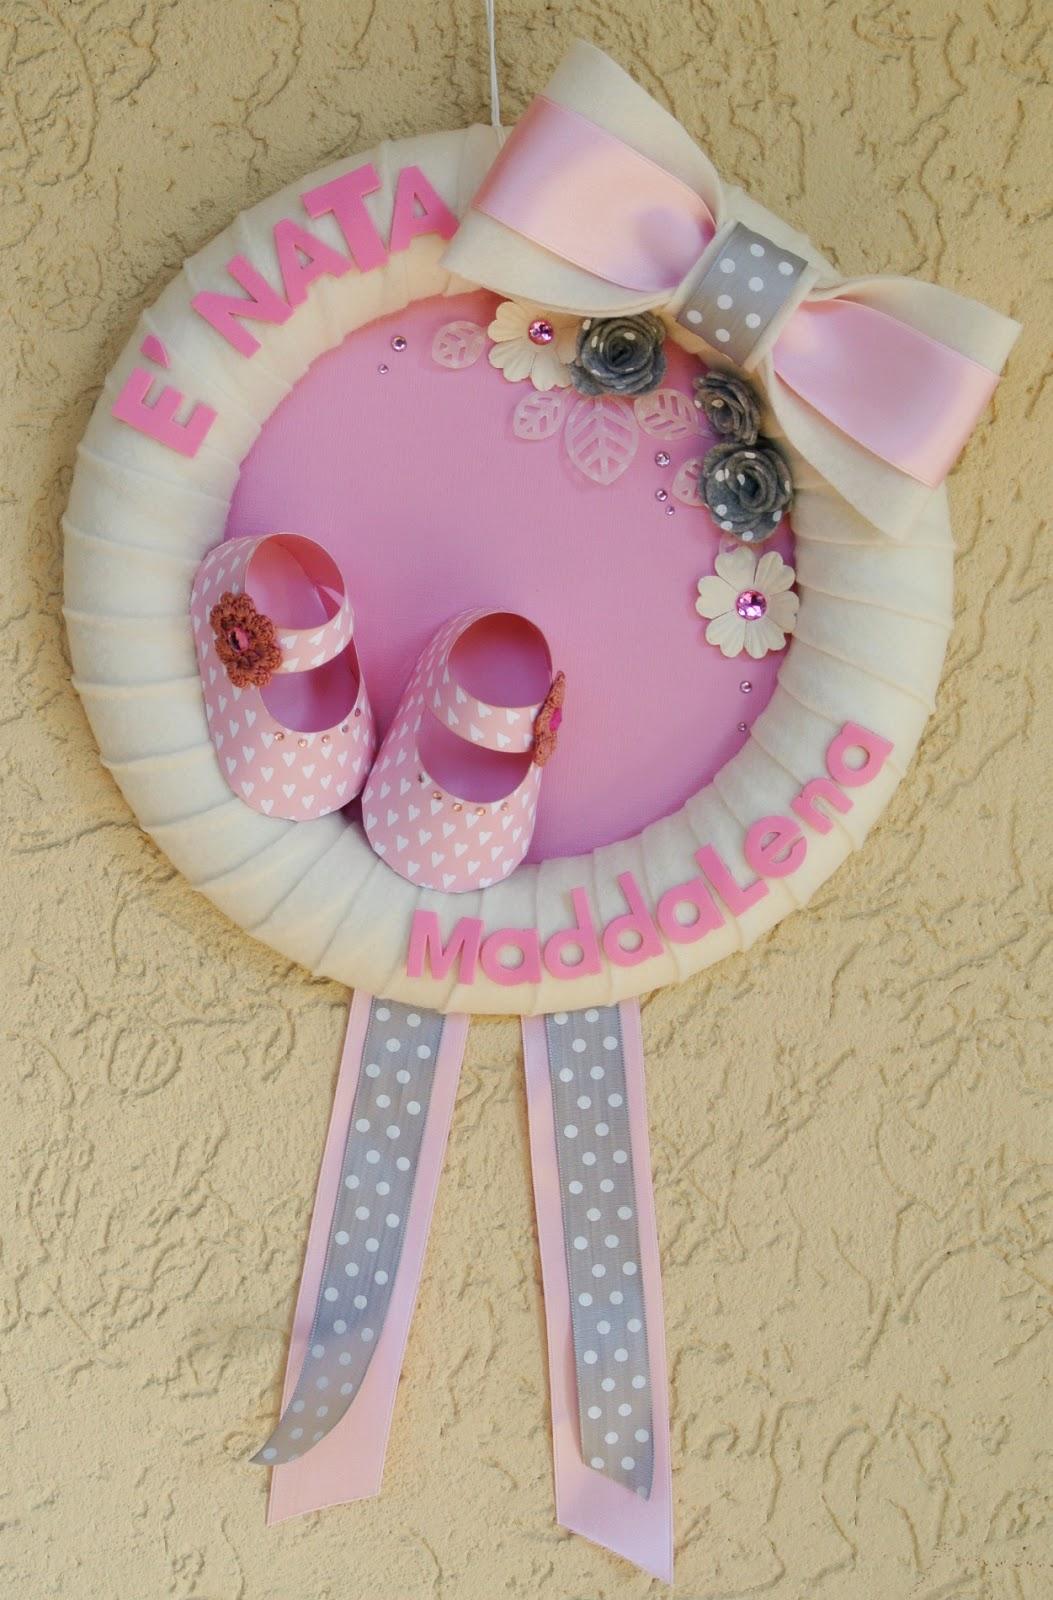 Favorito Satriale's Pork Store: Fiocco nascita per Maddalena TL08